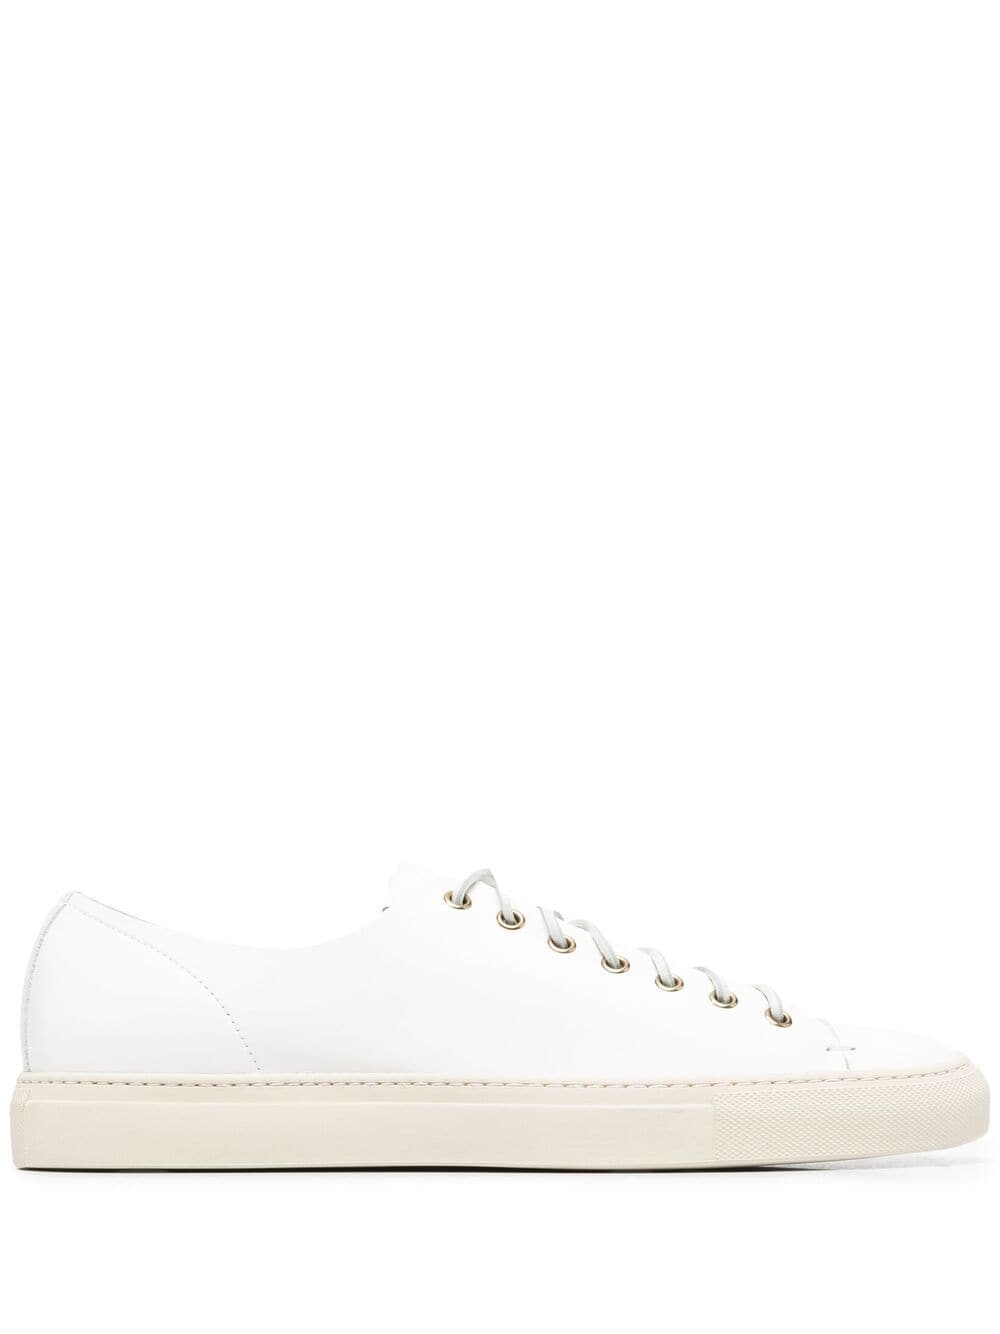 Buttero sneakers basse in pelle uomo bianco BUTTERO | Sneakers | B4006TOSCH-UGBIANCO